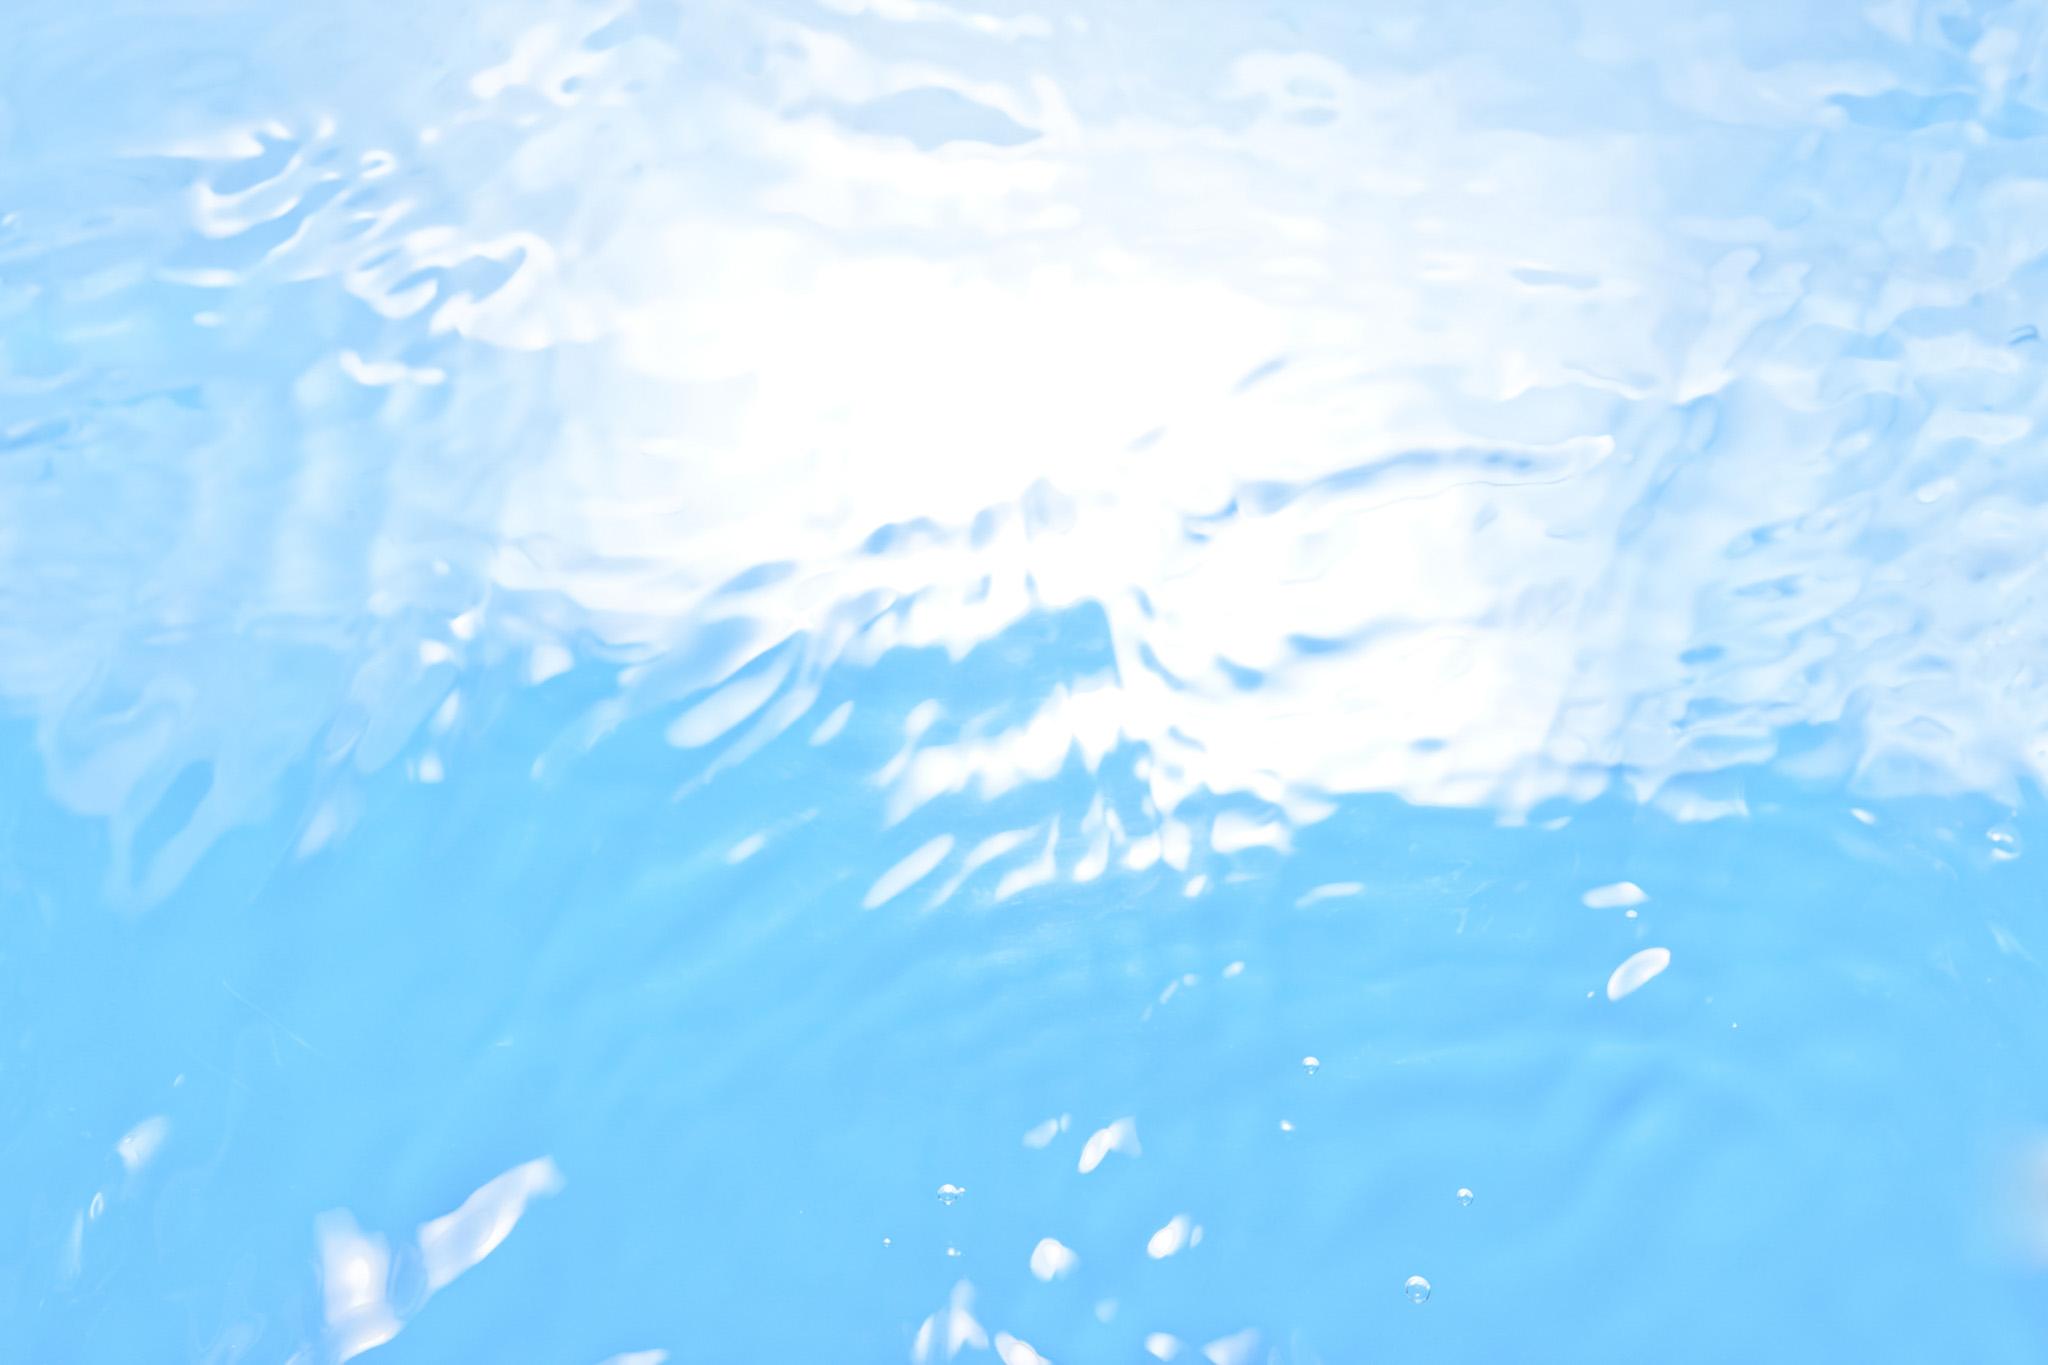 輝く綺麗な水のテクスチャ